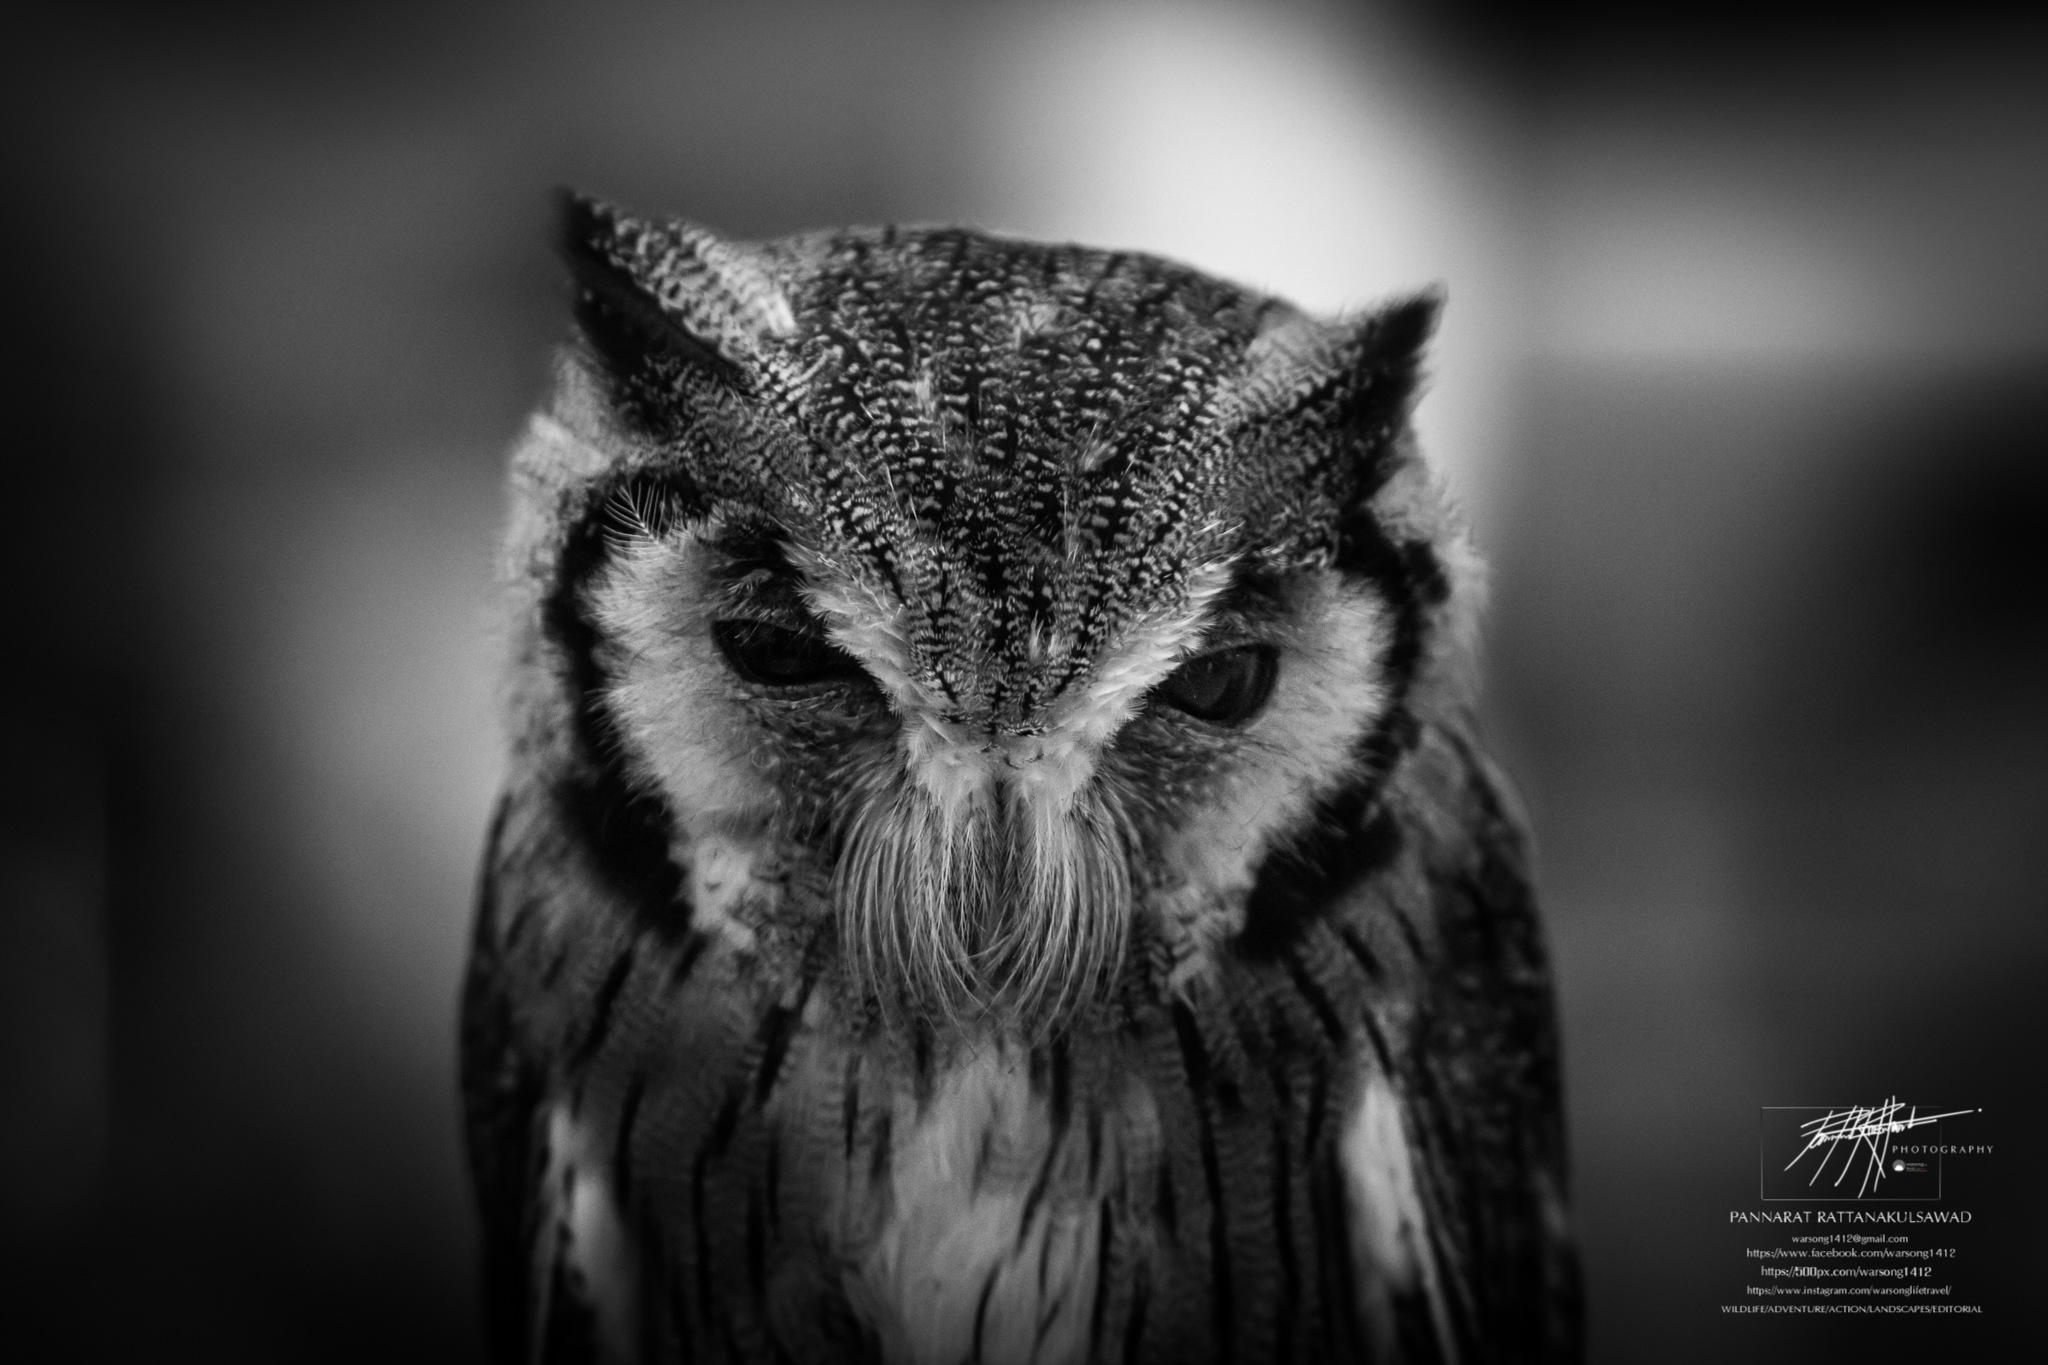 Feeling not bad baby owl dark. by Kumpa P. Rattanakulsawad